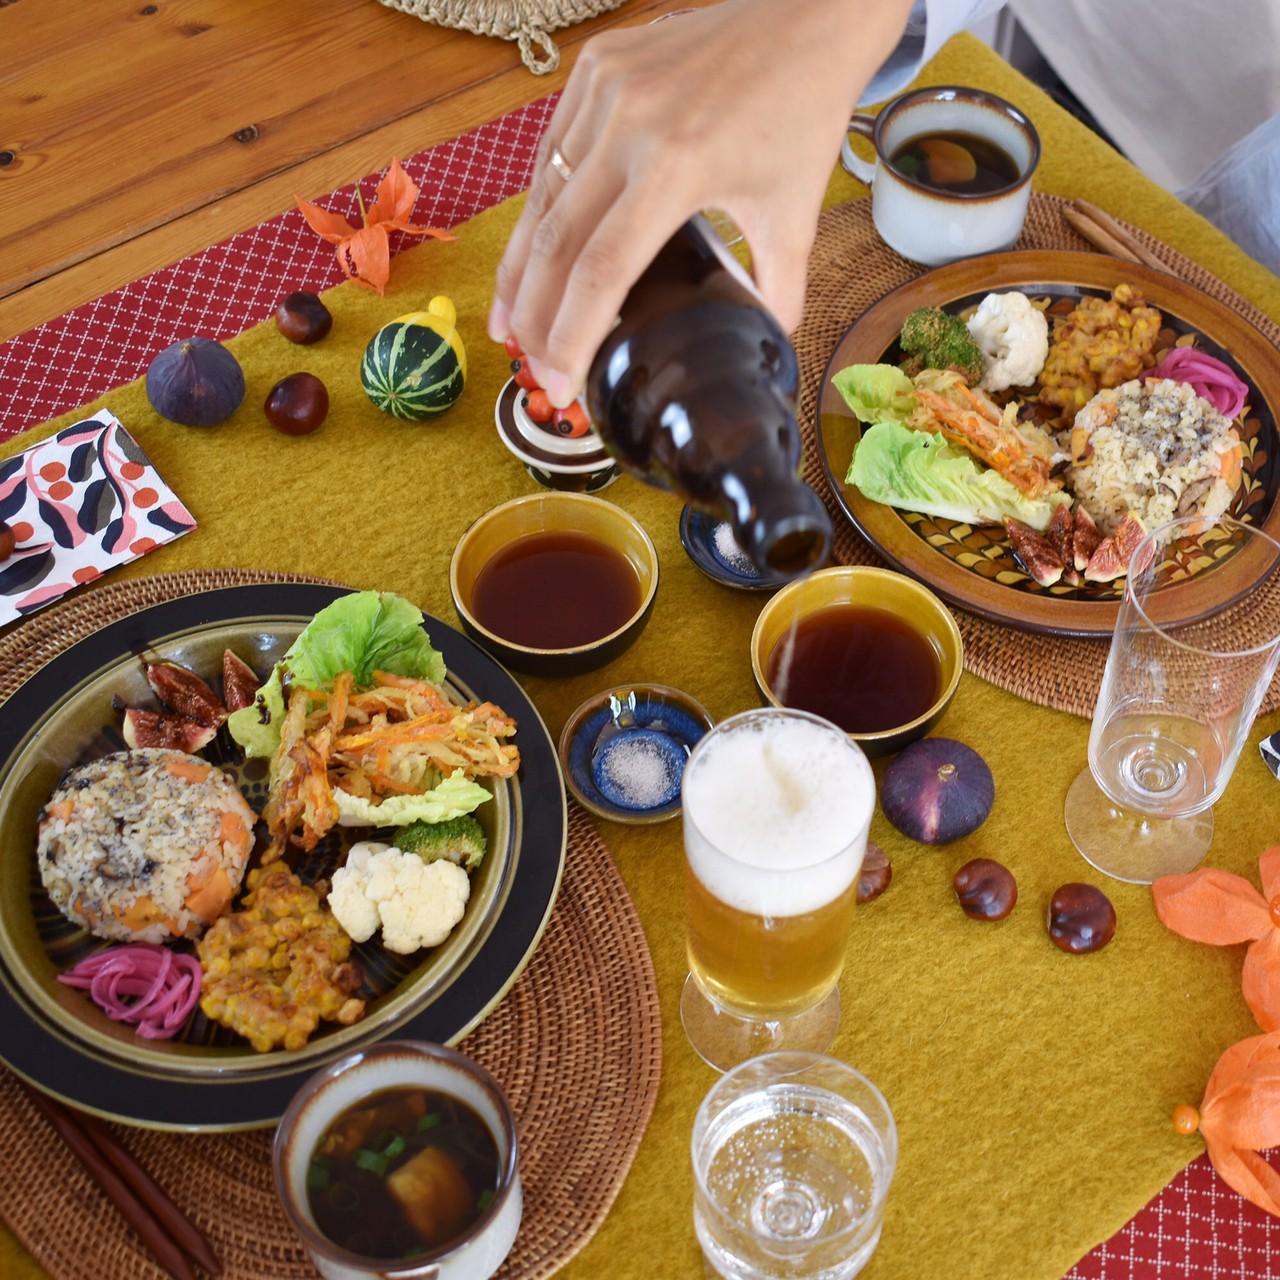 ヨーロッパは秋、食欲の秋を楽しむコーディネート